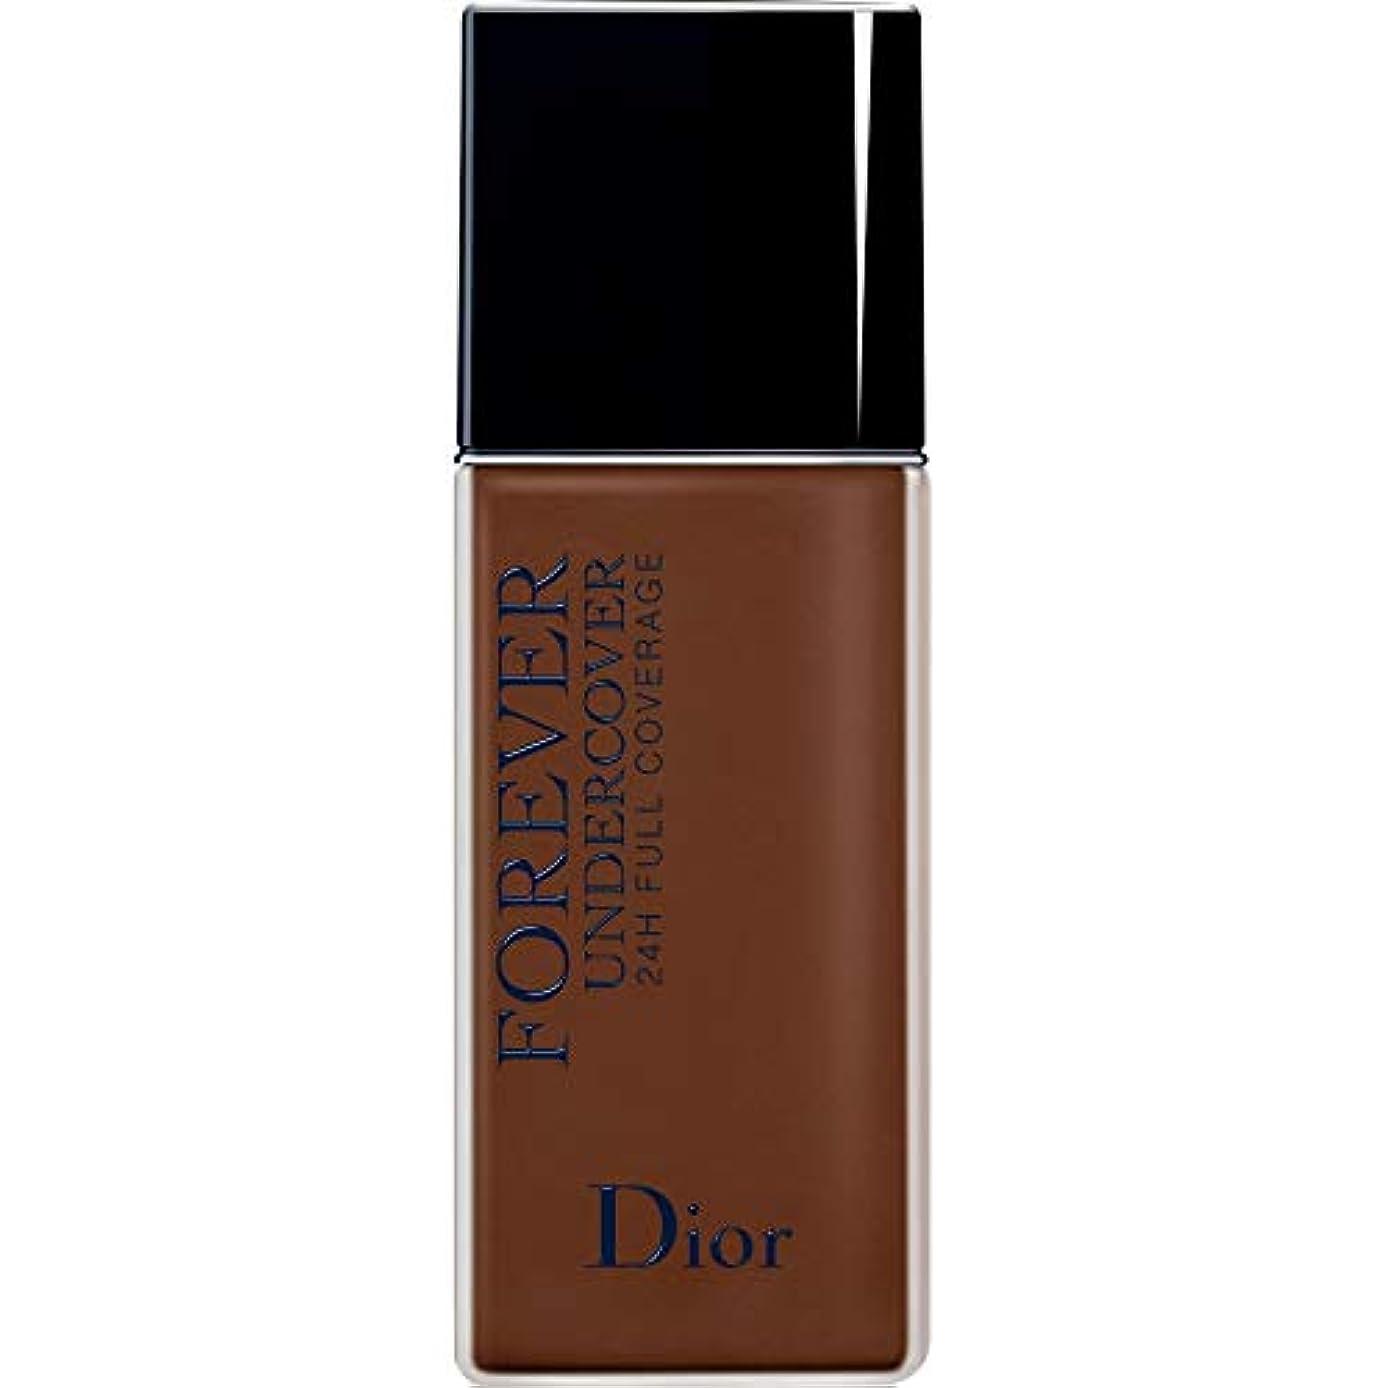 れんが圧縮ボクシング[Dior ] ディオールディオールスキン永遠アンダーカバーフルカバーの基礎40ミリリットル080 - 黒檀 - DIOR Diorskin Forever Undercover Full Coverage Foundation...